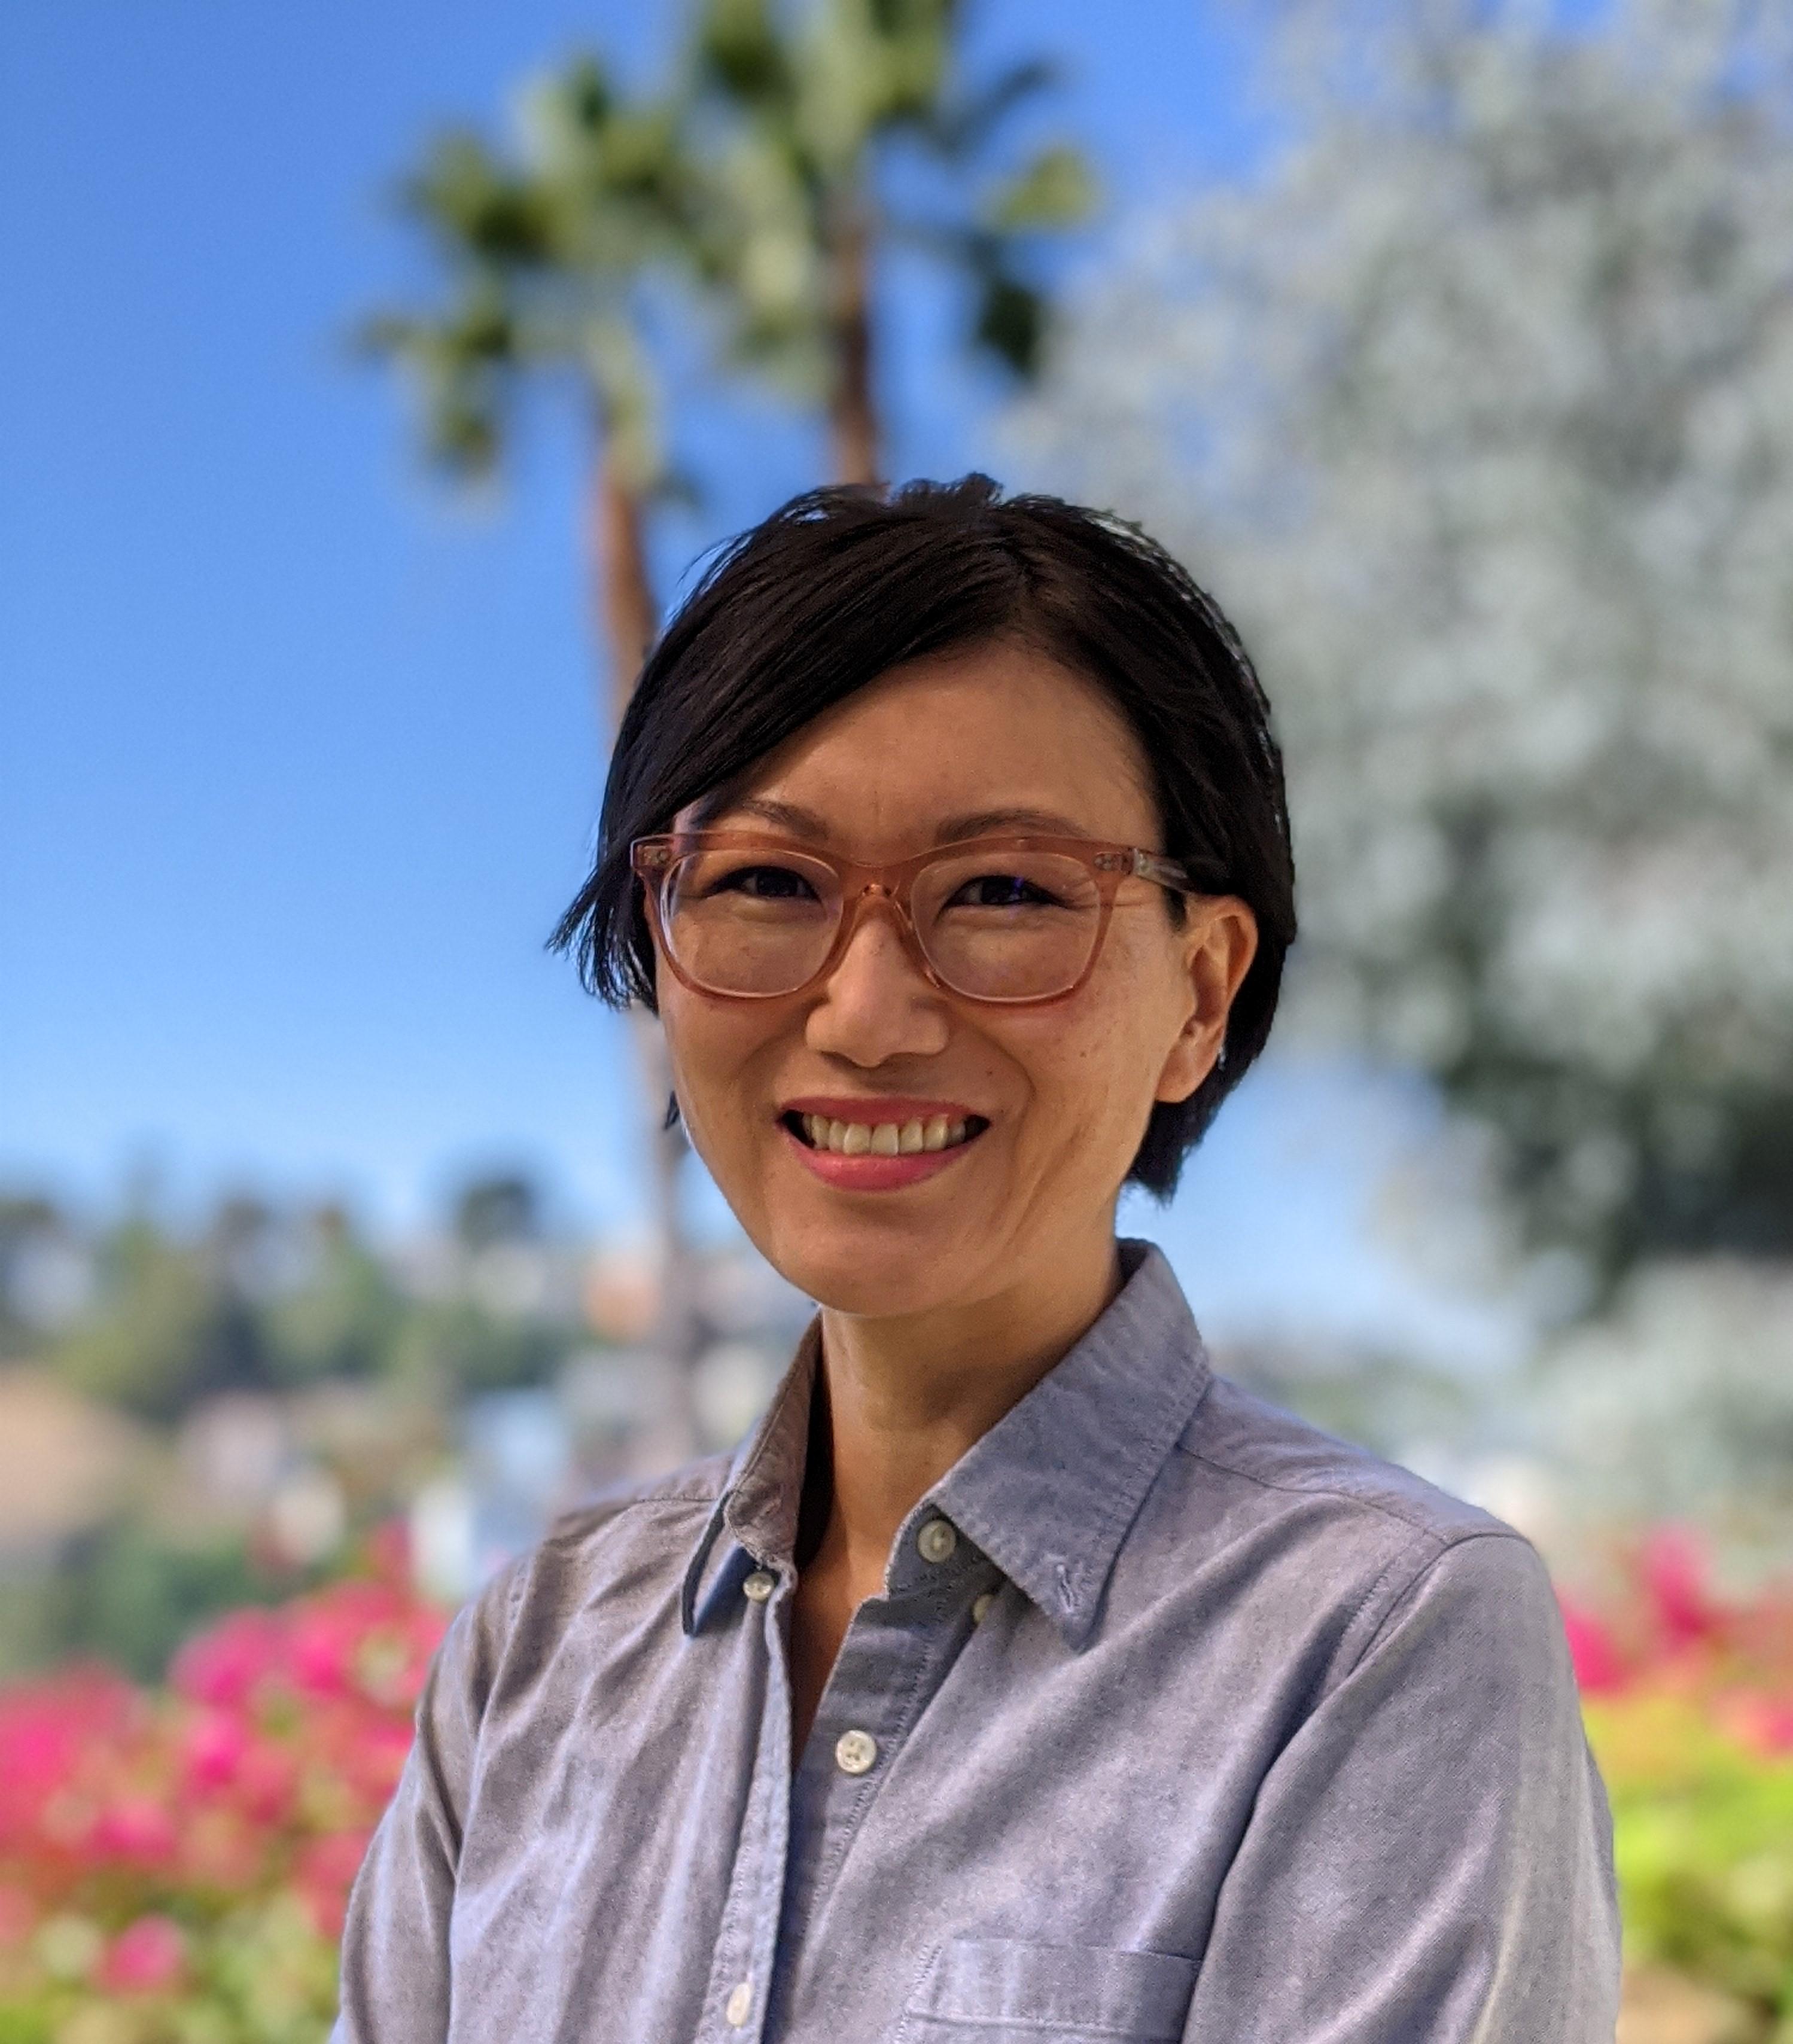 Headshot of Allison Kato